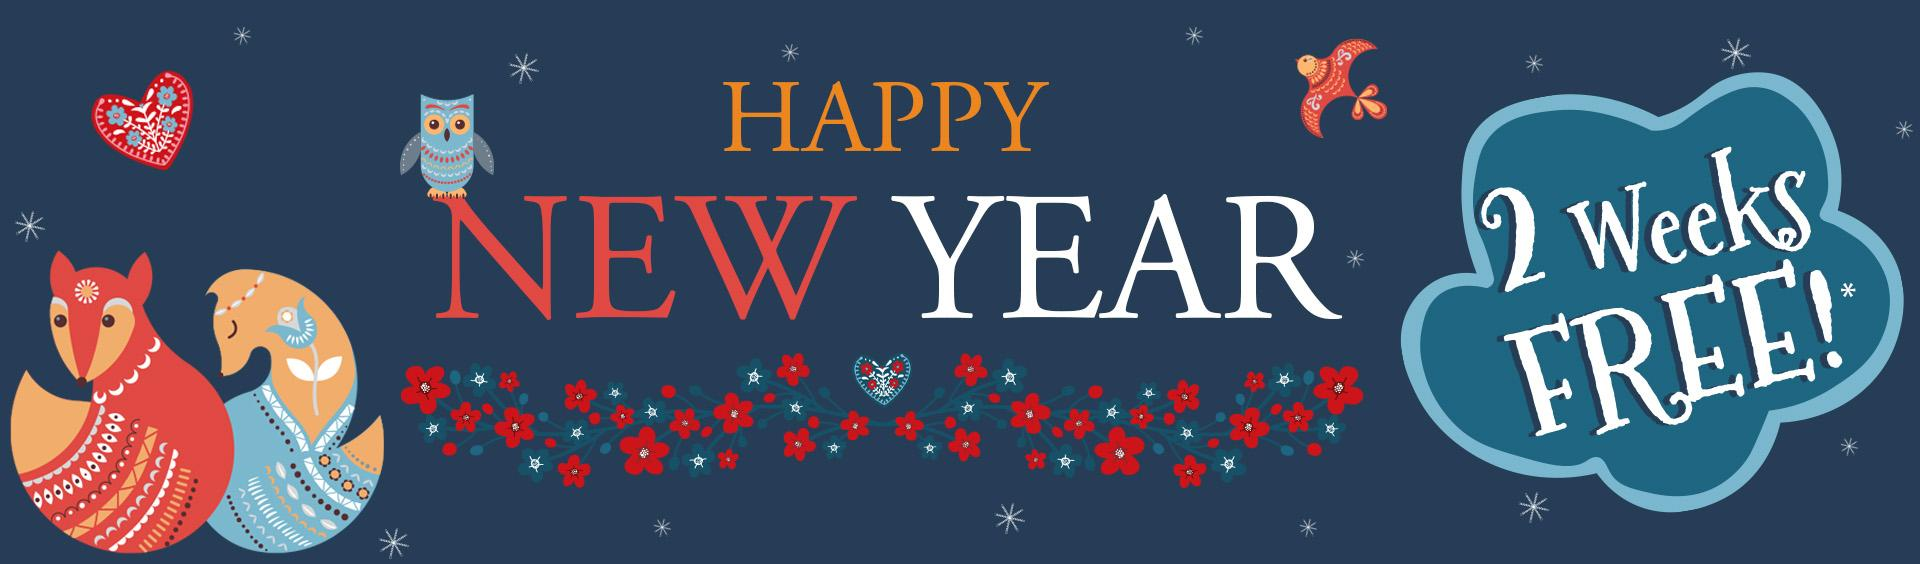 Bonne année et deux semaines de bannière gratuite